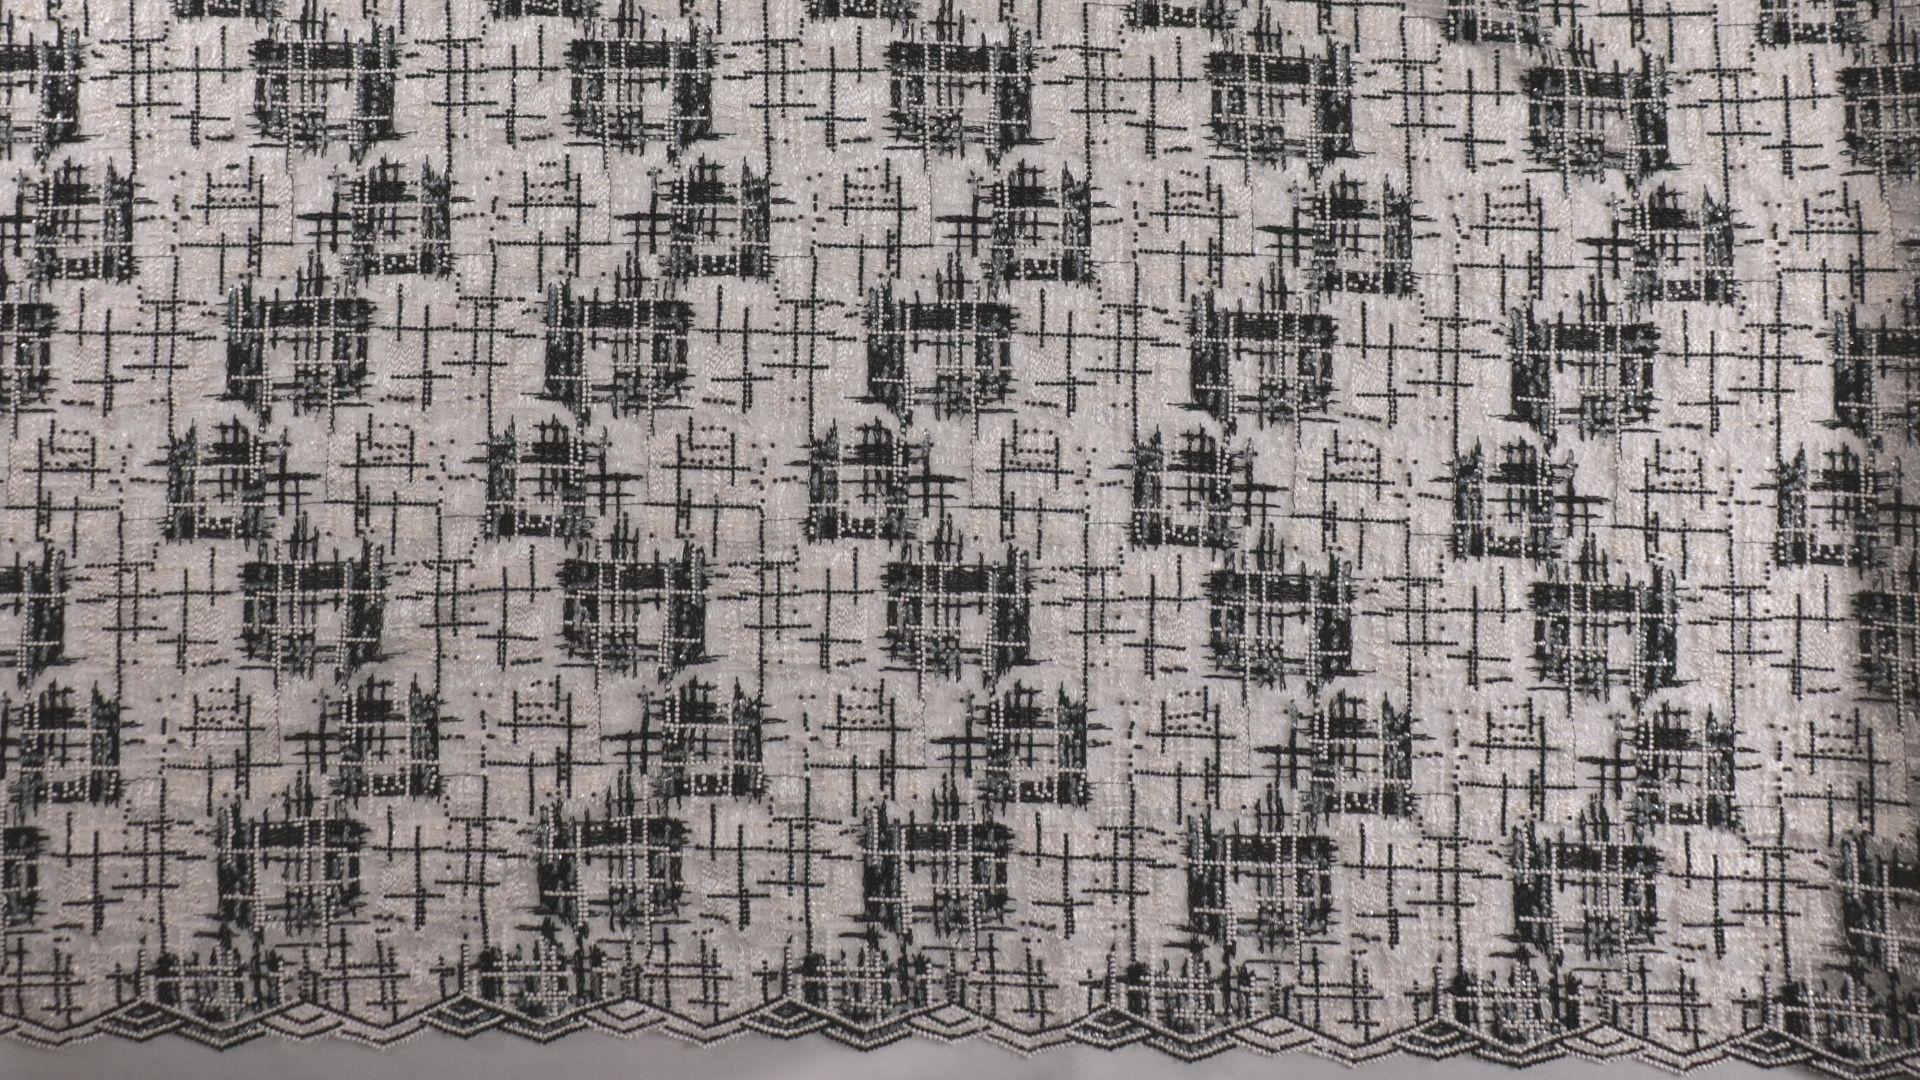 il particolare del tessuto dr7964, appartenente alla categoria ricami con accessori, di Leadford & Logan